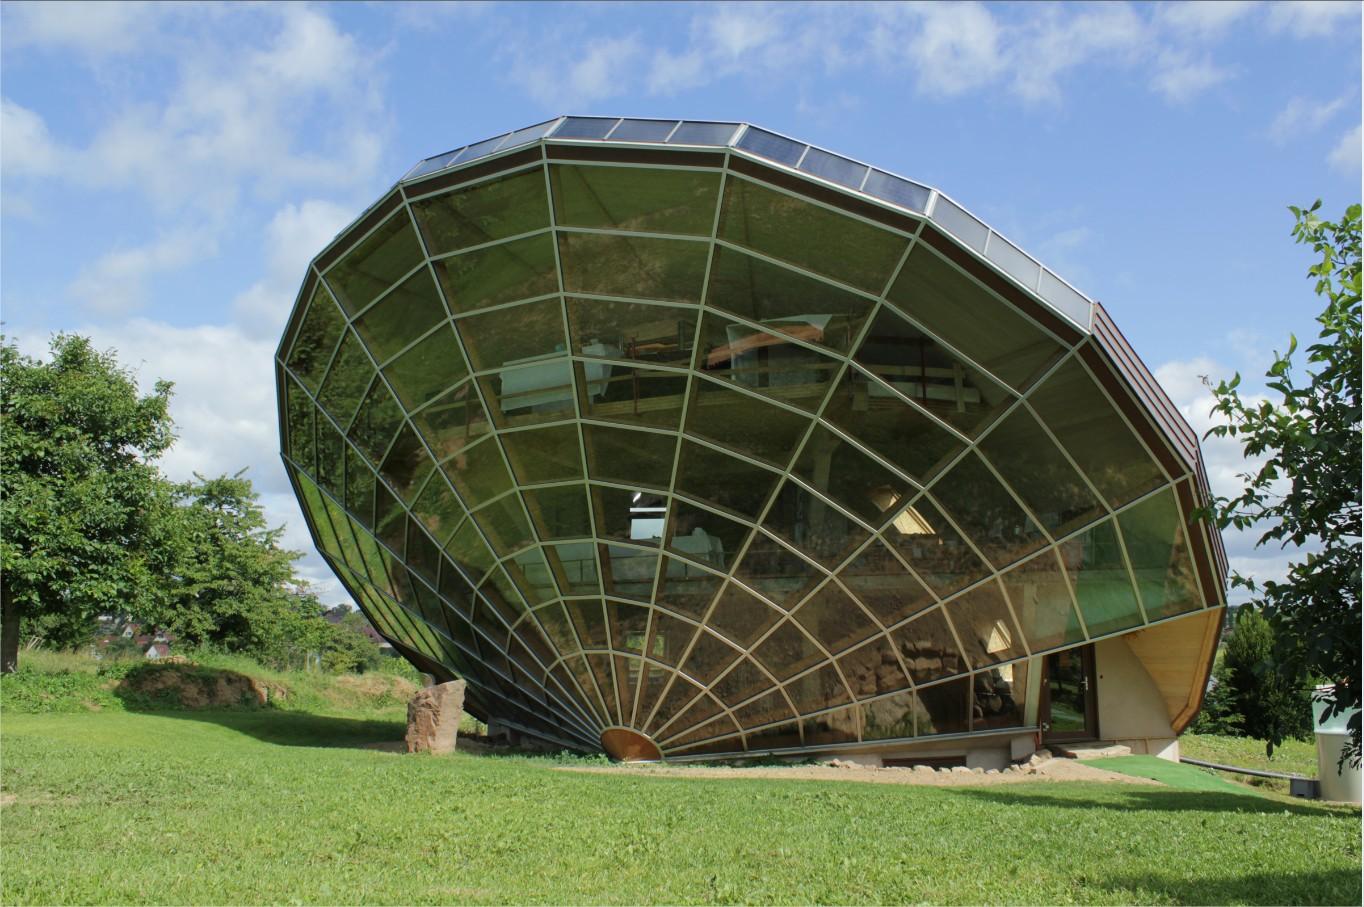 La maison solaire heliodome futuriste for Les concepteurs de la maison com